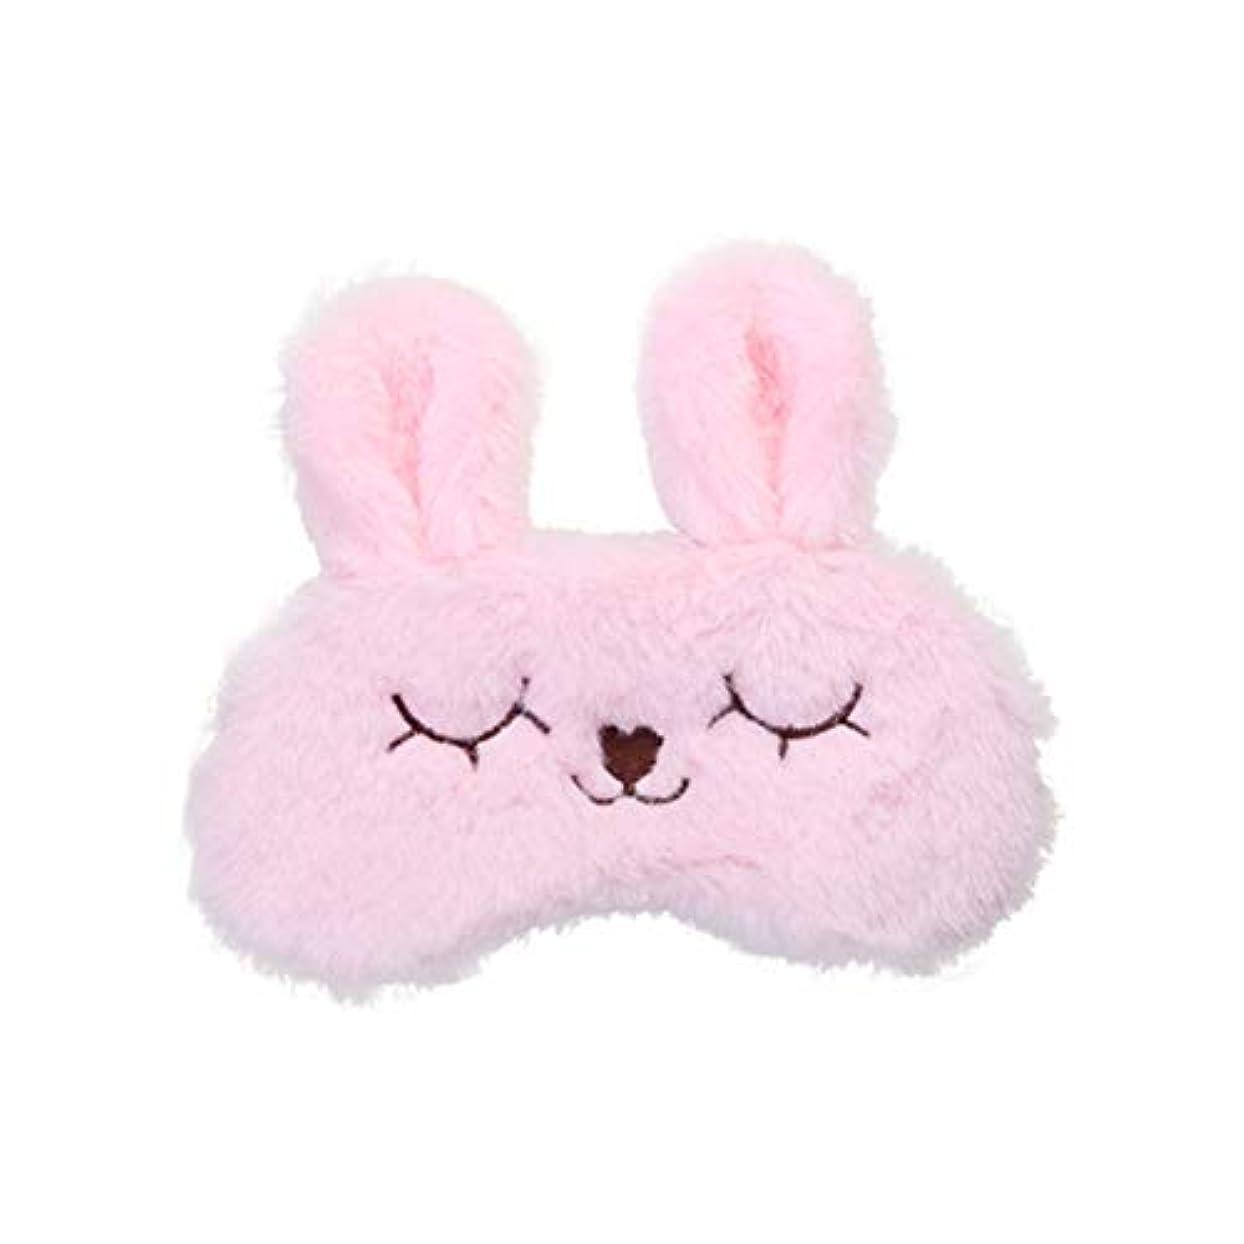 バーゲン過剰静めるHEALIFTY 睡眠マスクウサギぬいぐるみ目隠しコールドホットコンプレッションスリープアイマスクカバーかわいいアイシェイド(ピンク)